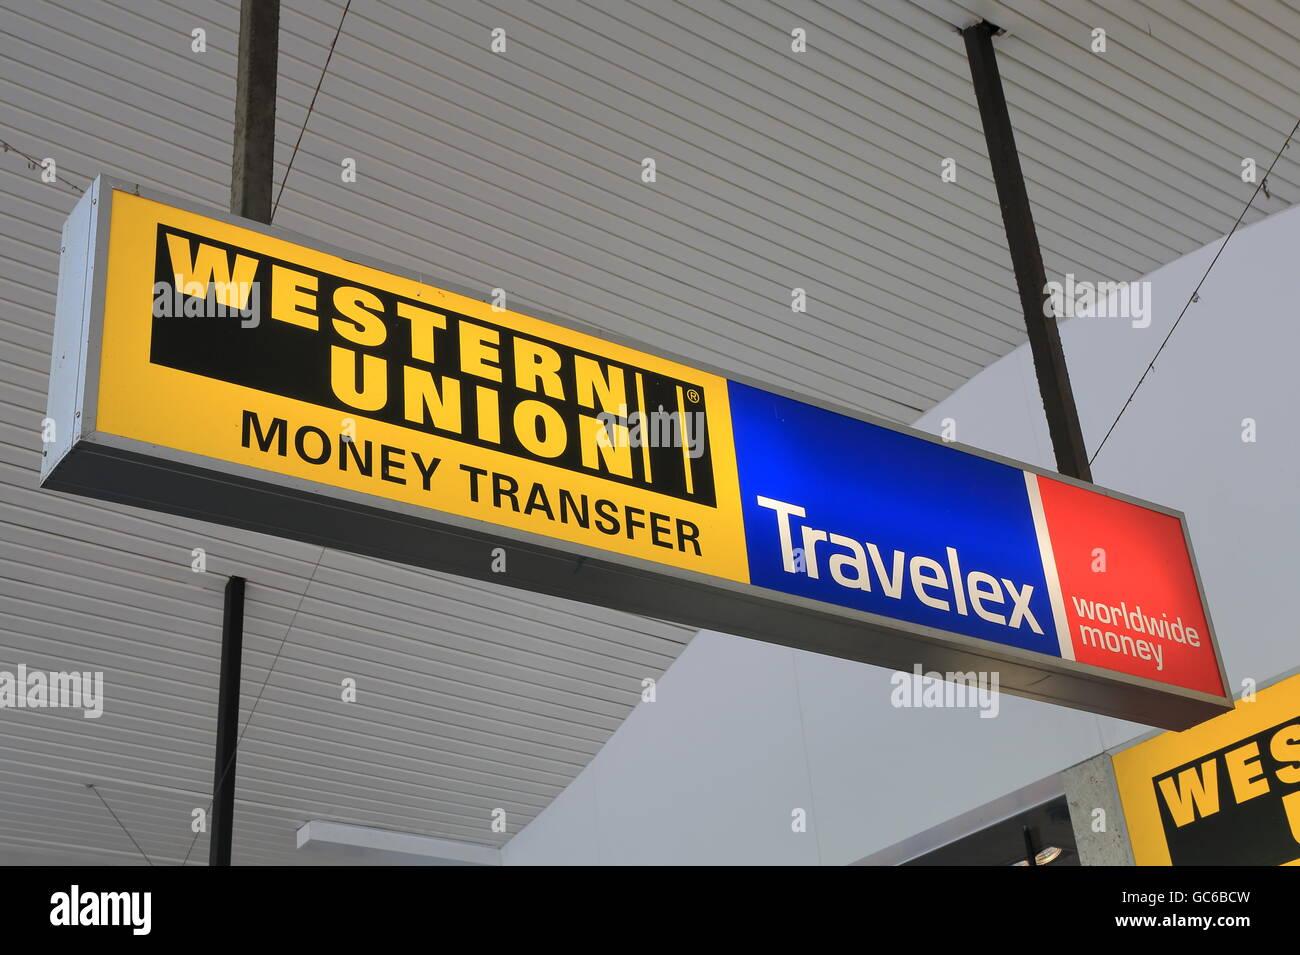 Western union shop photos western union shop images alamy